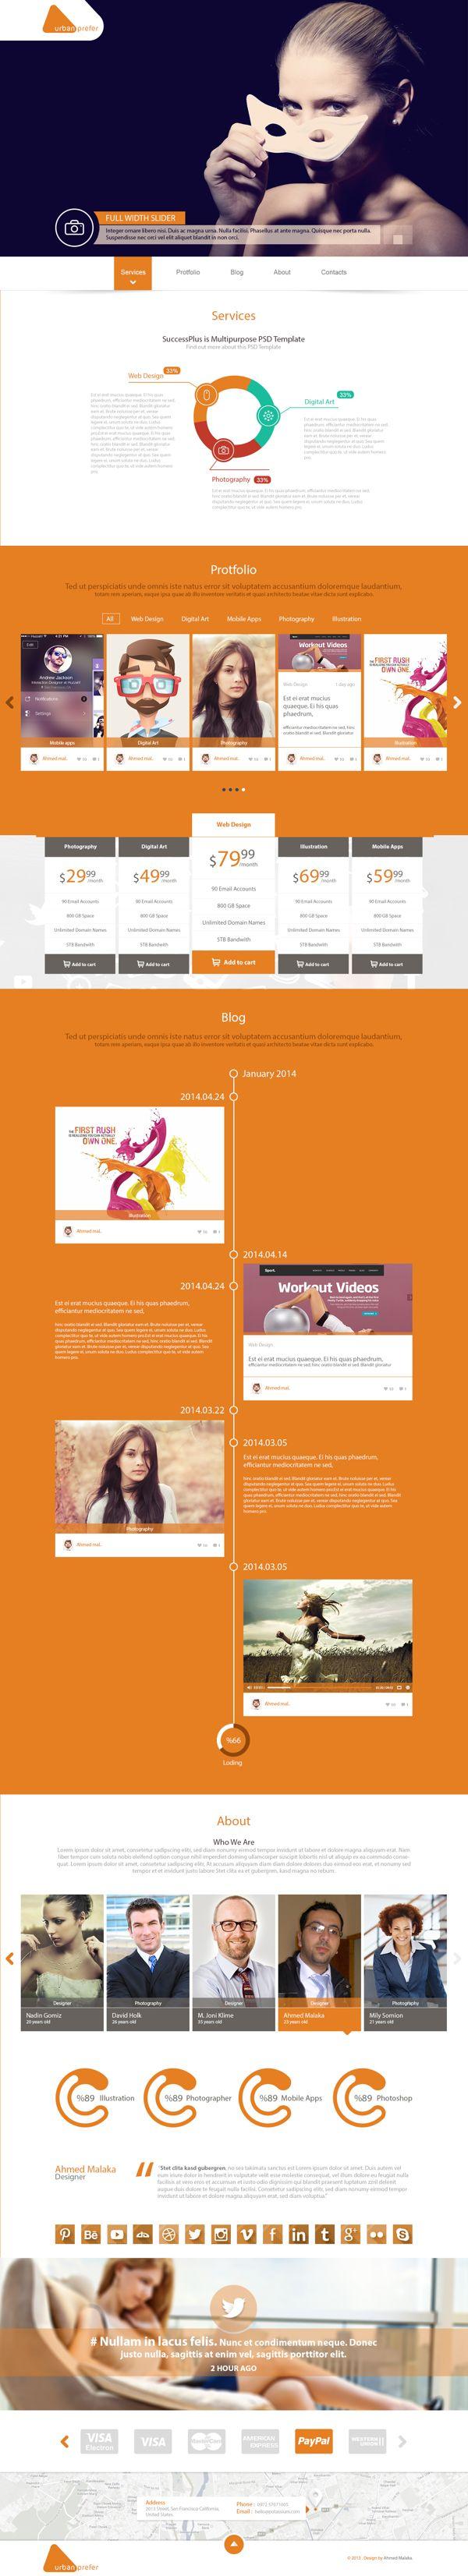 New website by Ahmed Malaka